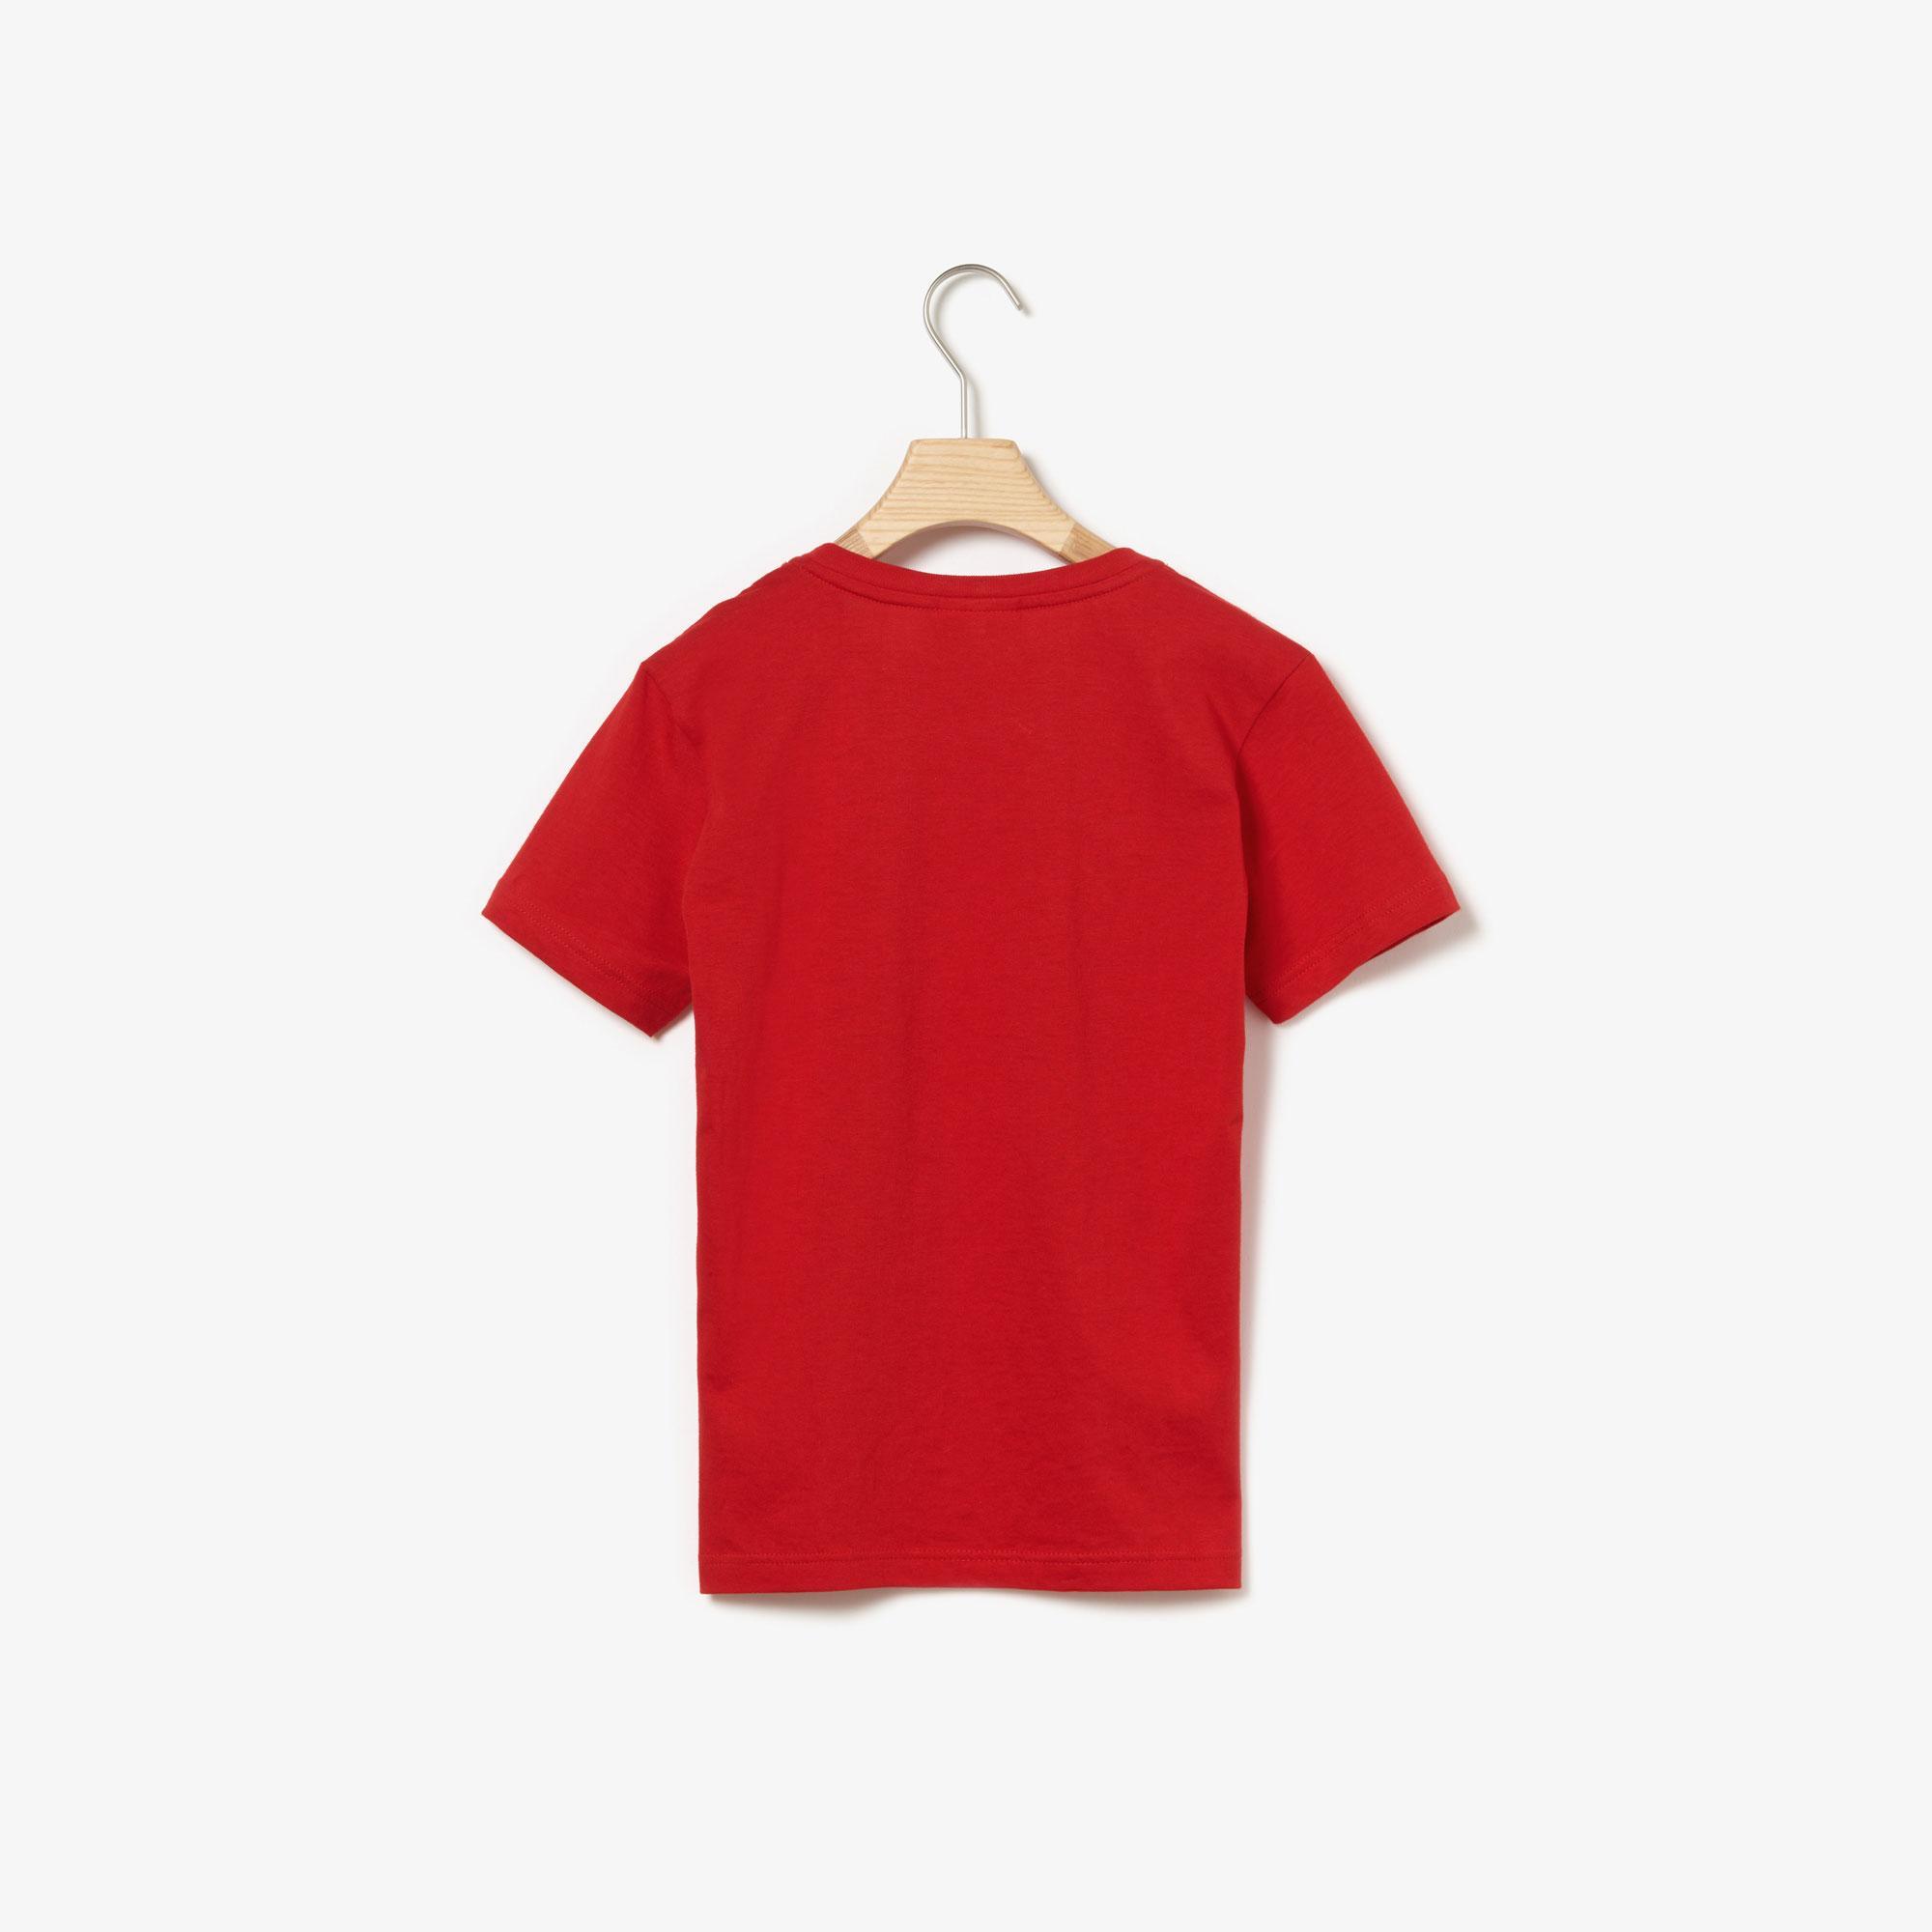 Lacoste Boy's Crew Neck Cotton Jersey T-Shirt